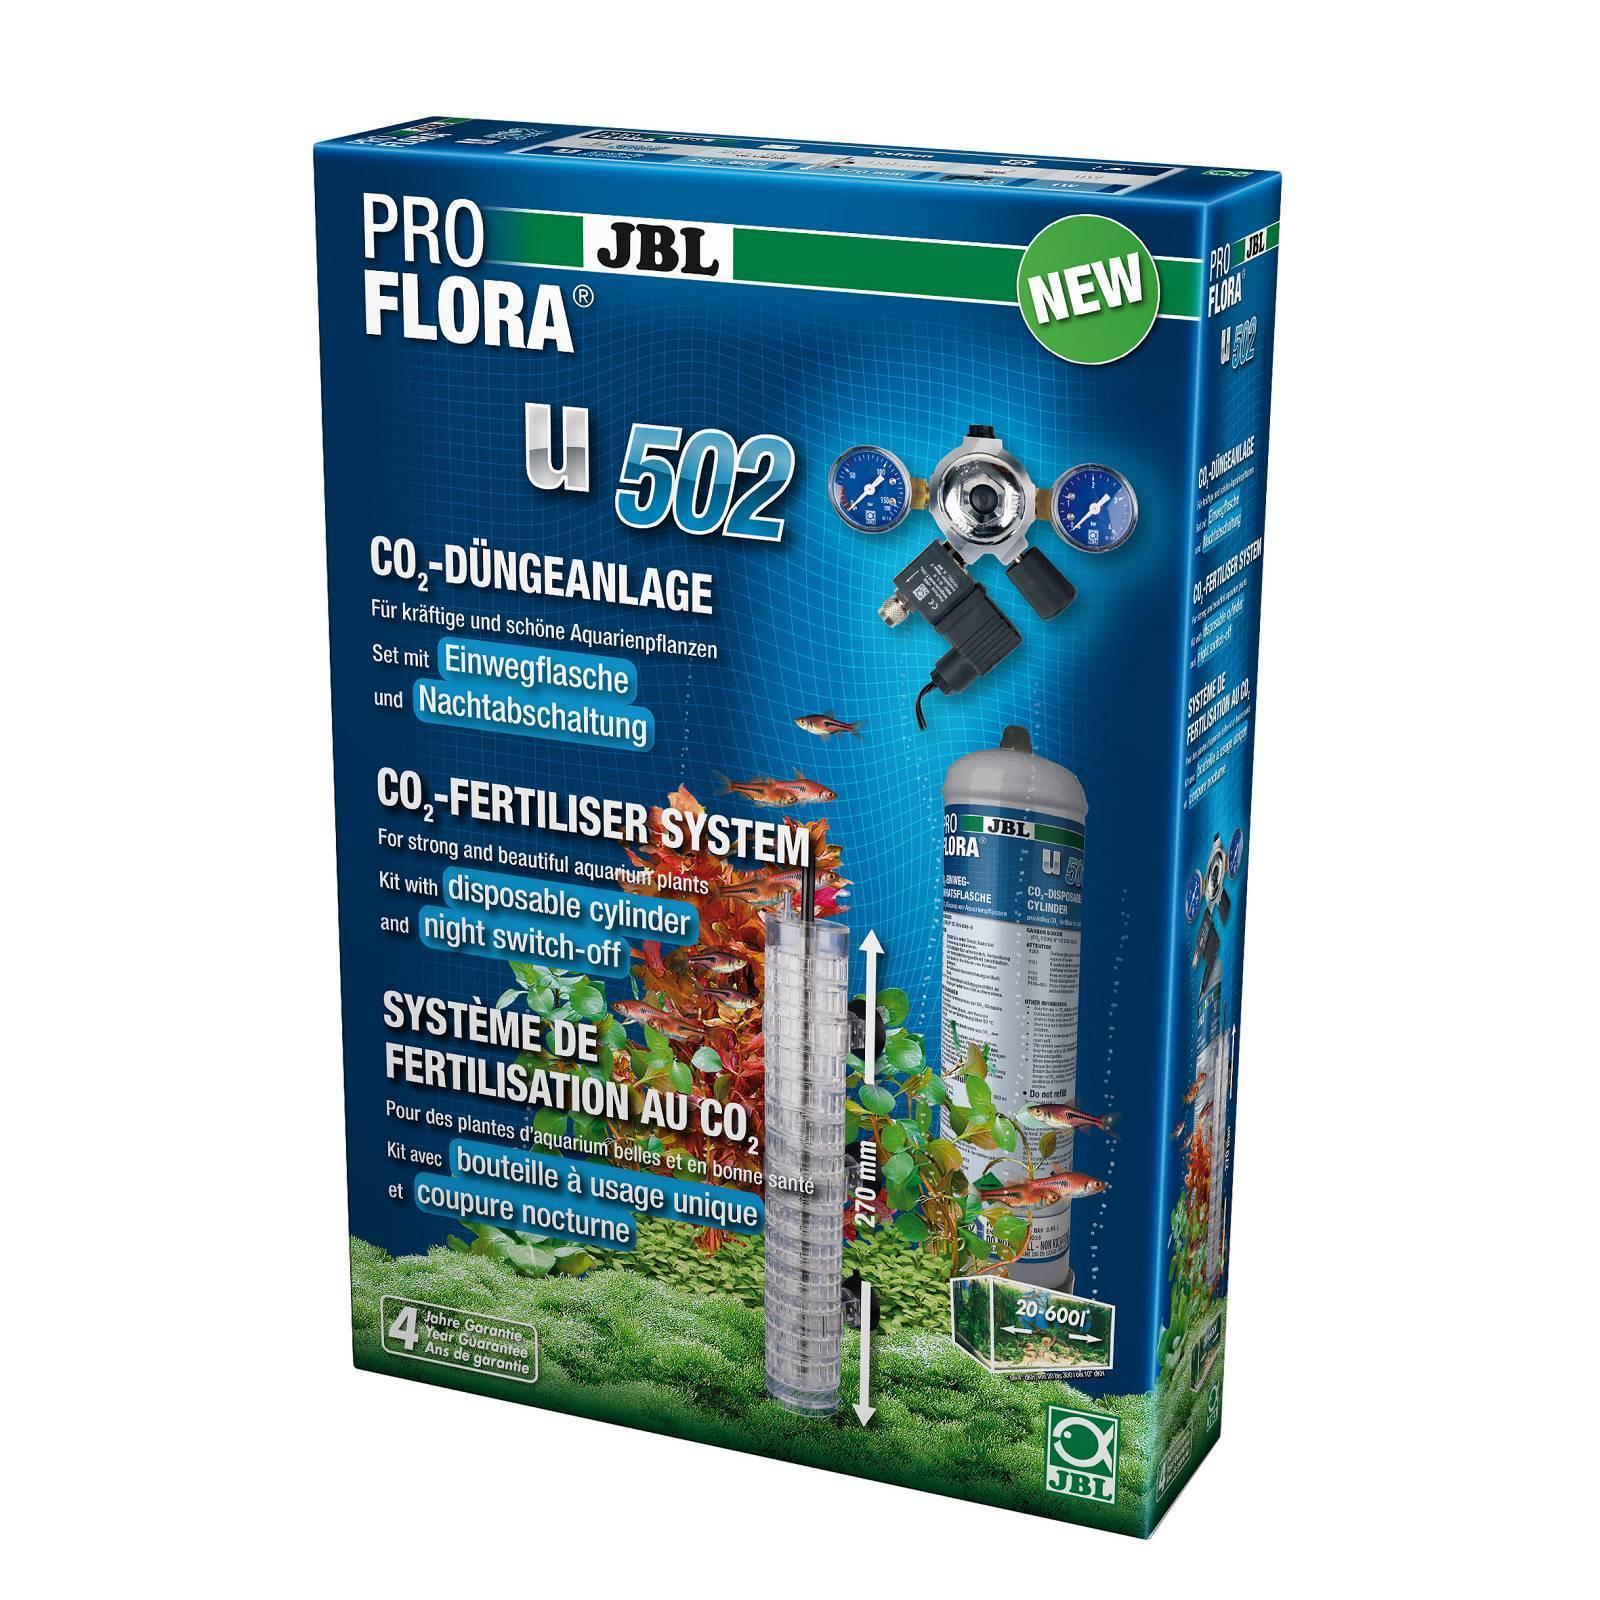 JBL ProFlora u502 co₂ - piante fertilizzanti impianto (usa e getta) CON SPEGNIMENTO notte co2